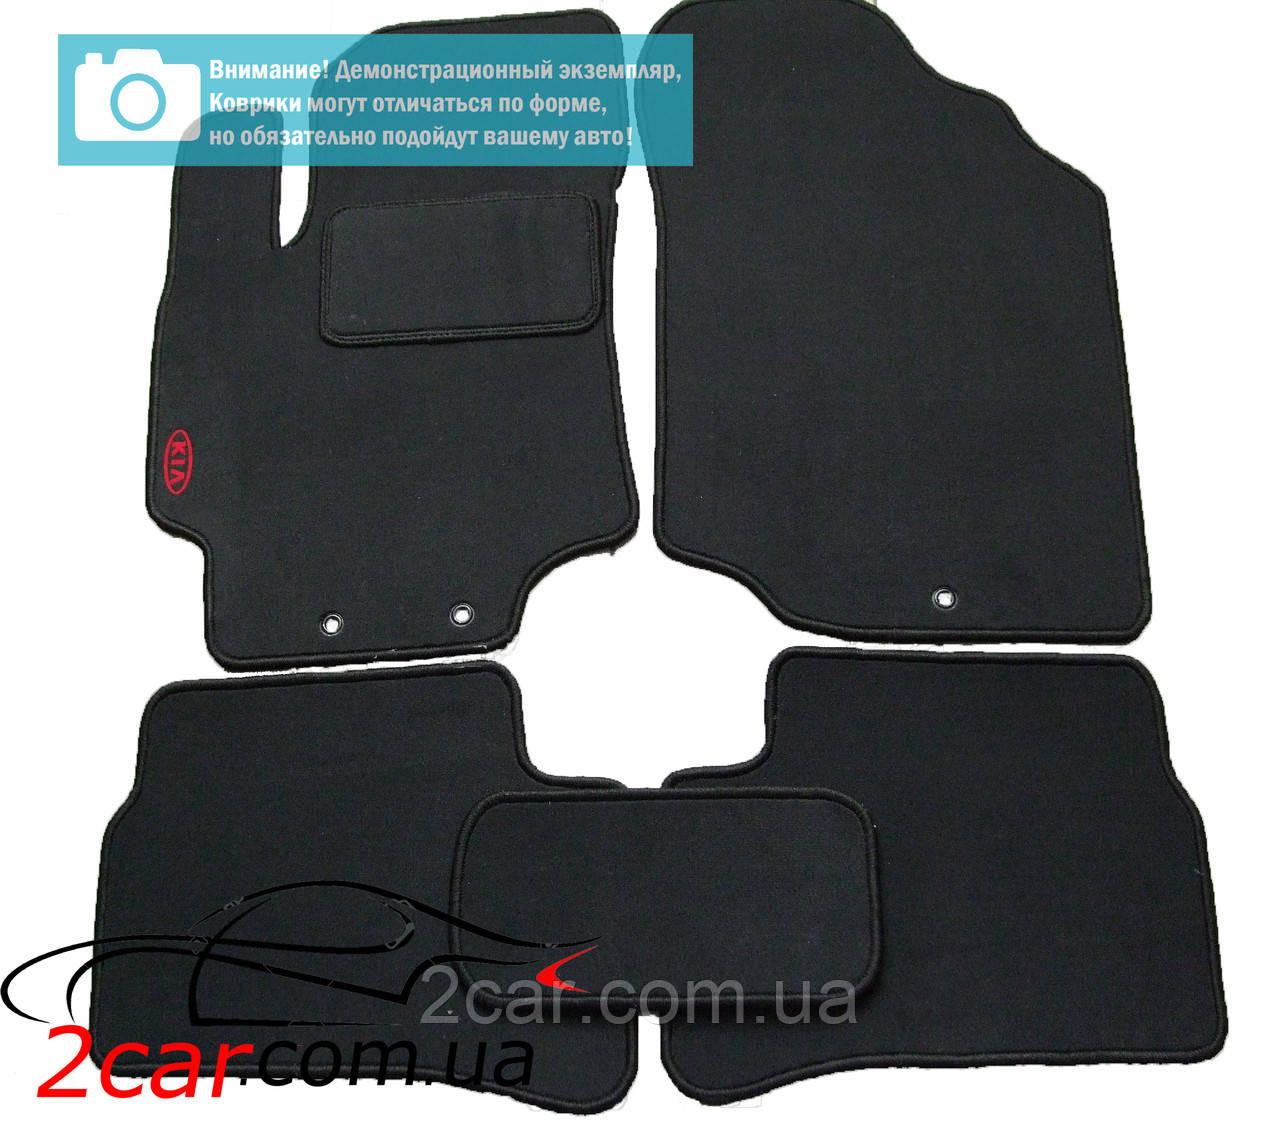 Текстильные коврики в салон для Volkswagen Golf VIl (2012-) (чёрный) (StingrayUA)